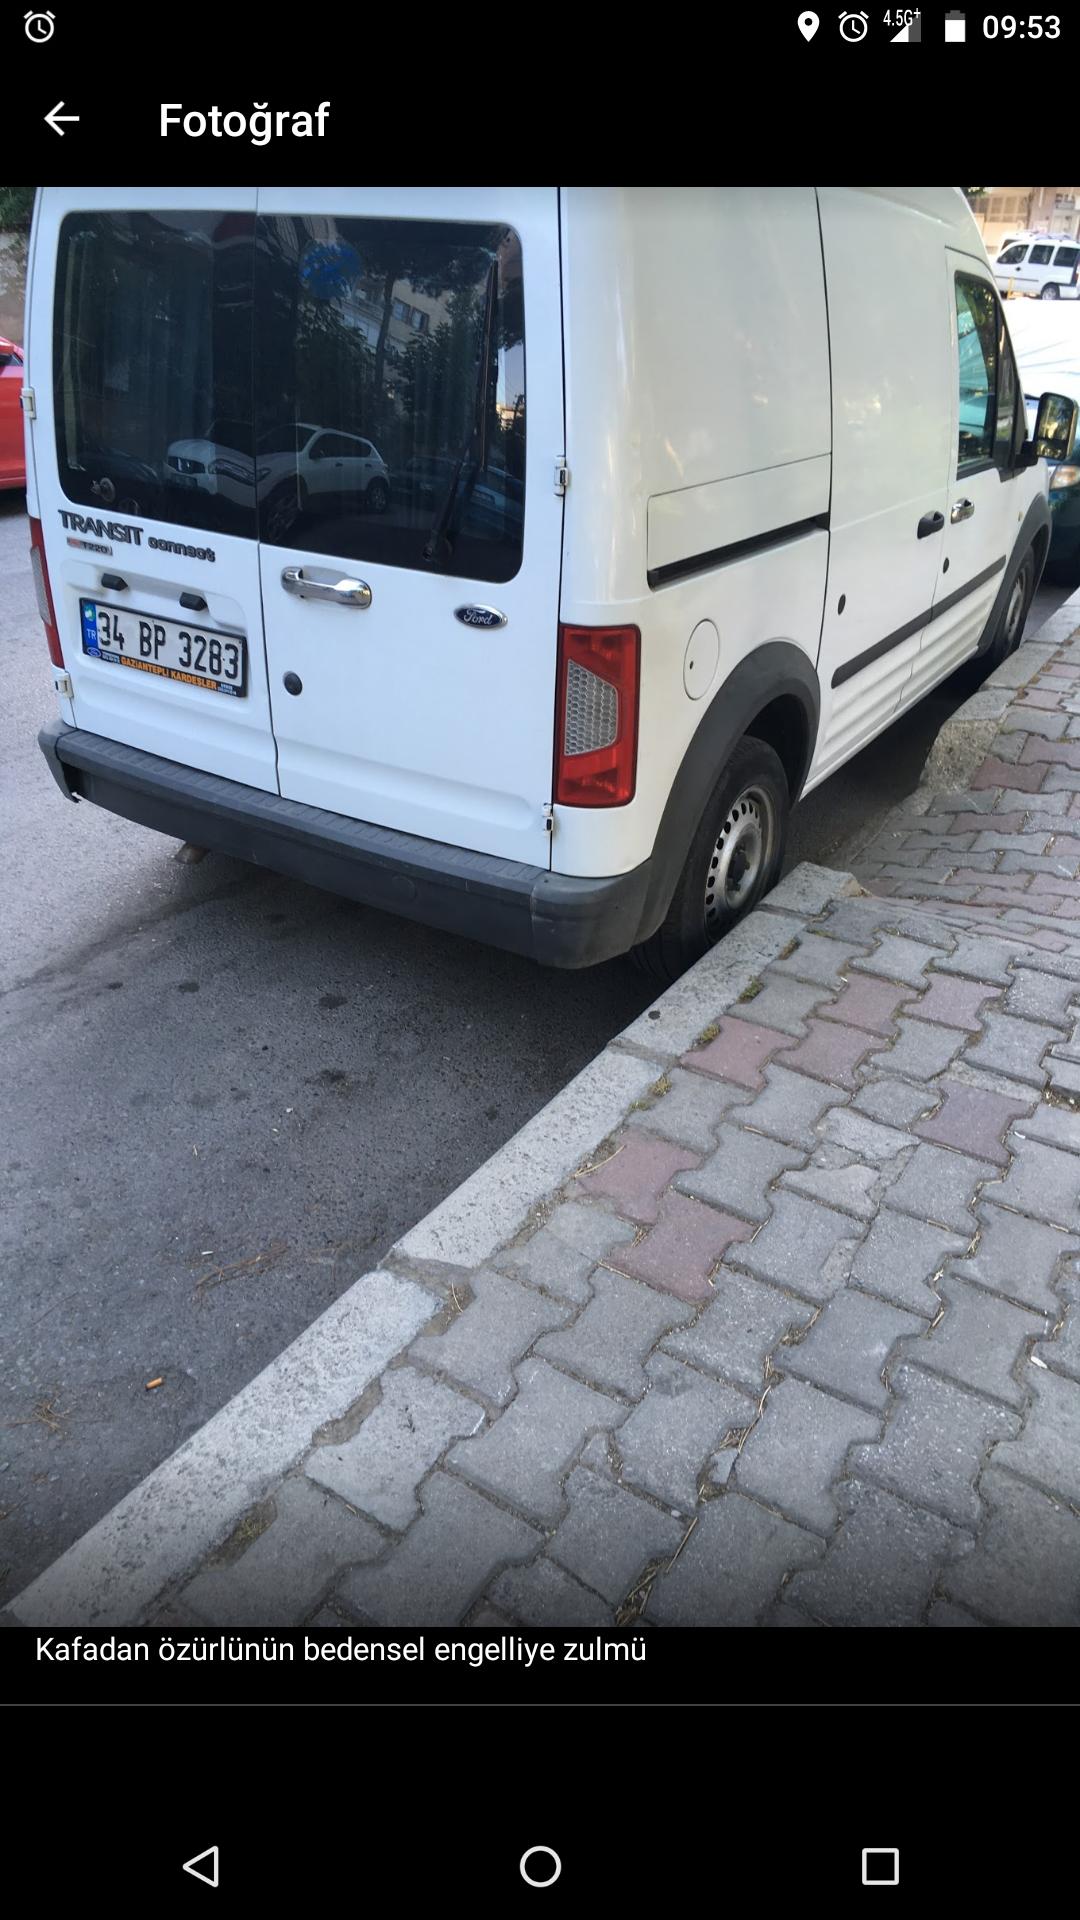 araçların park yapmasını engelleyecek eklemeler yapılmalı